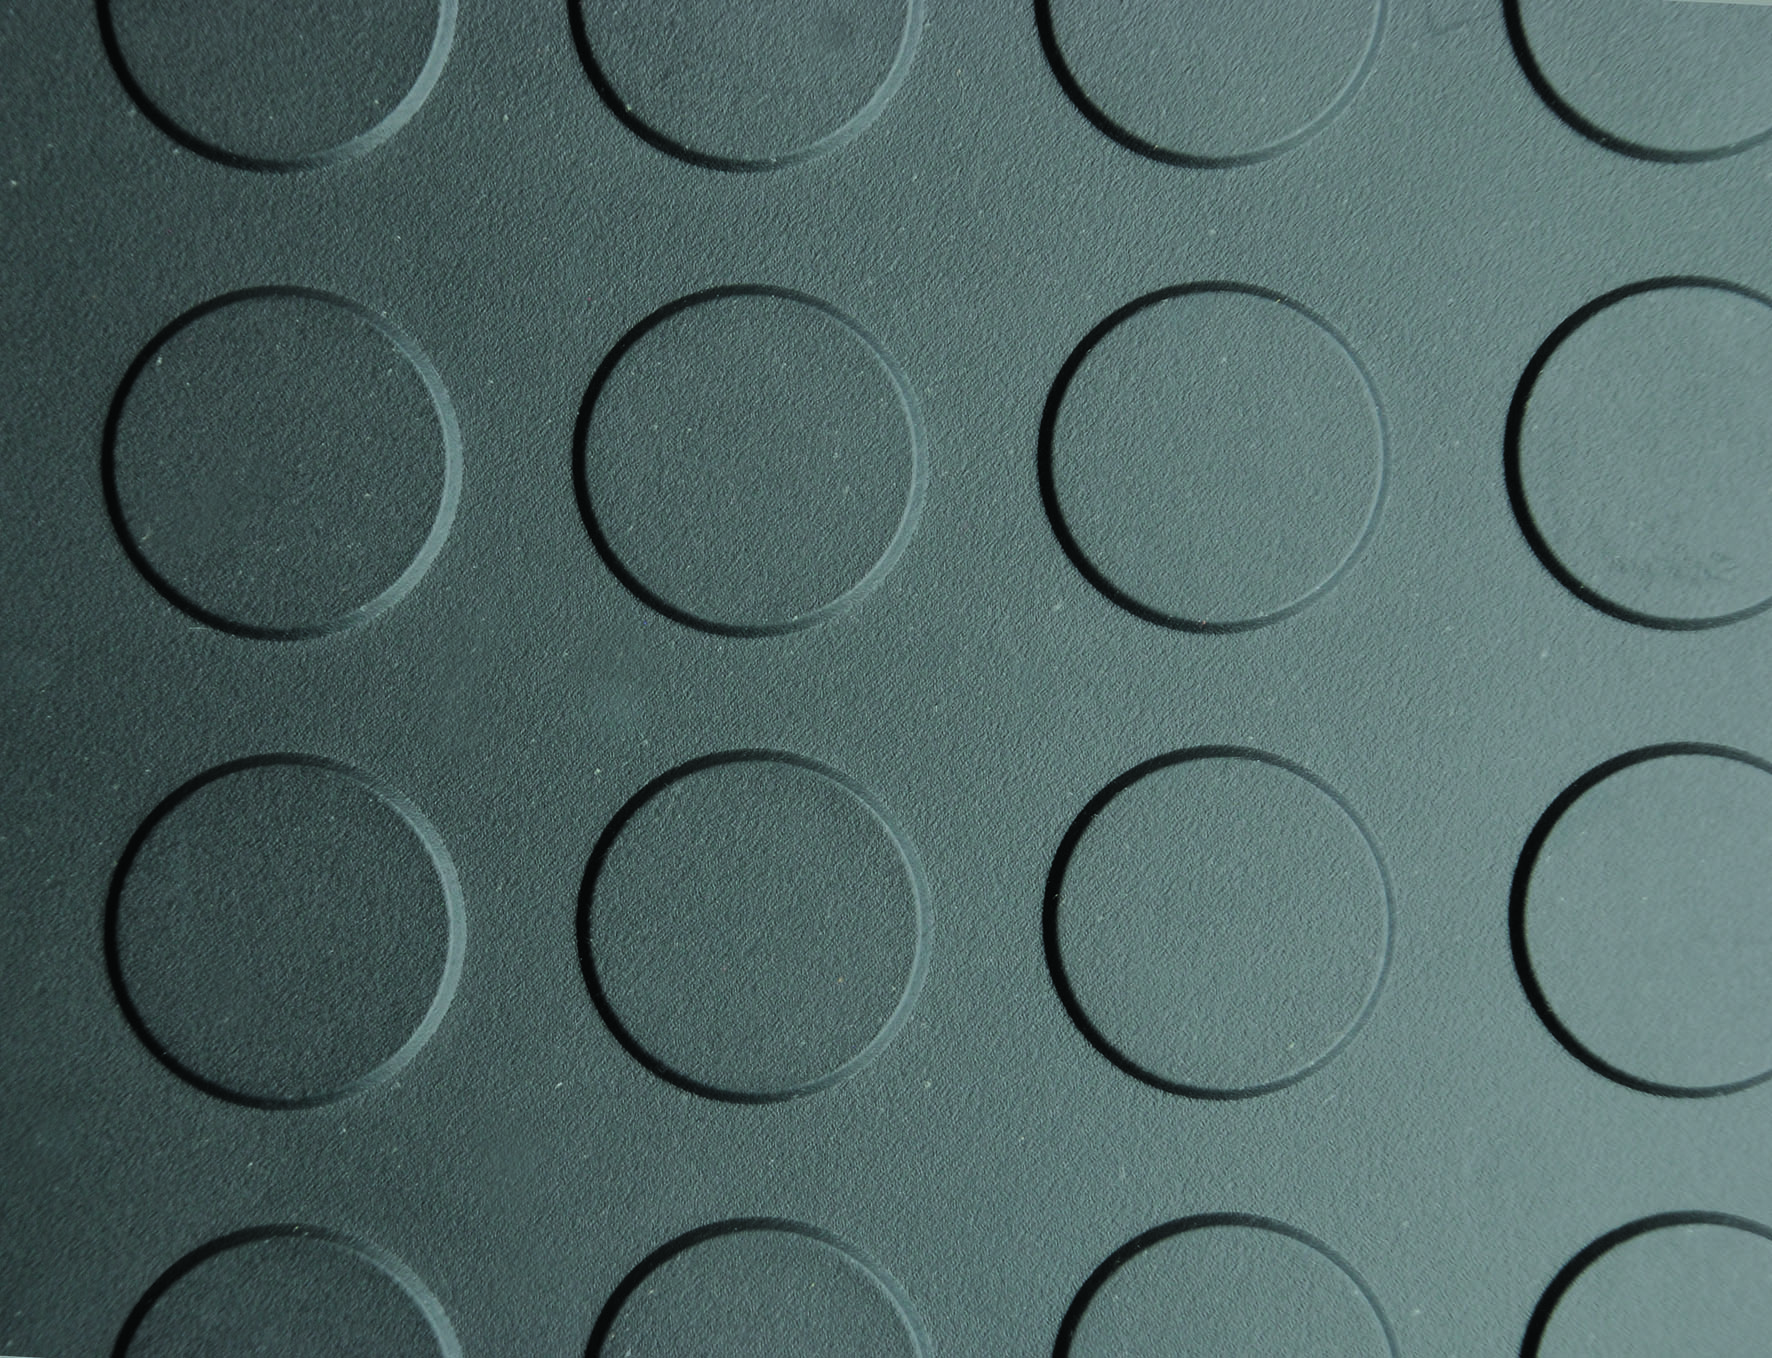 圓粒系列橡膠地磚 Studded Rubber Flooring